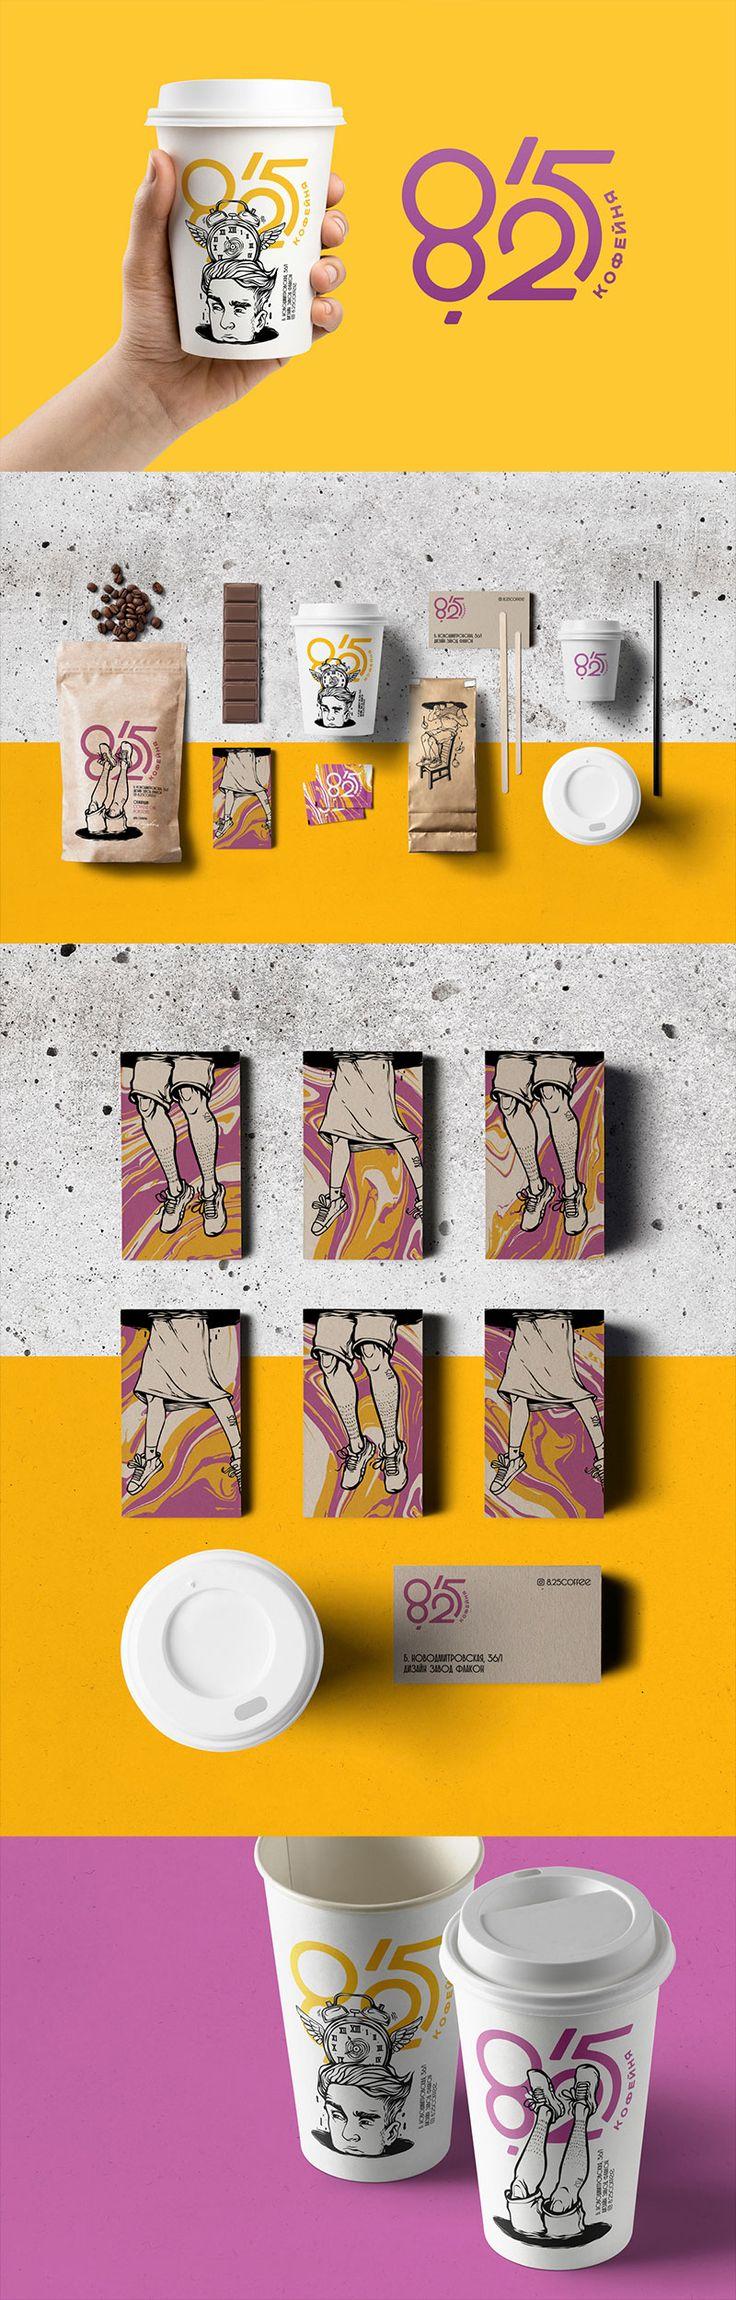 Criativa Identidade visual: Café